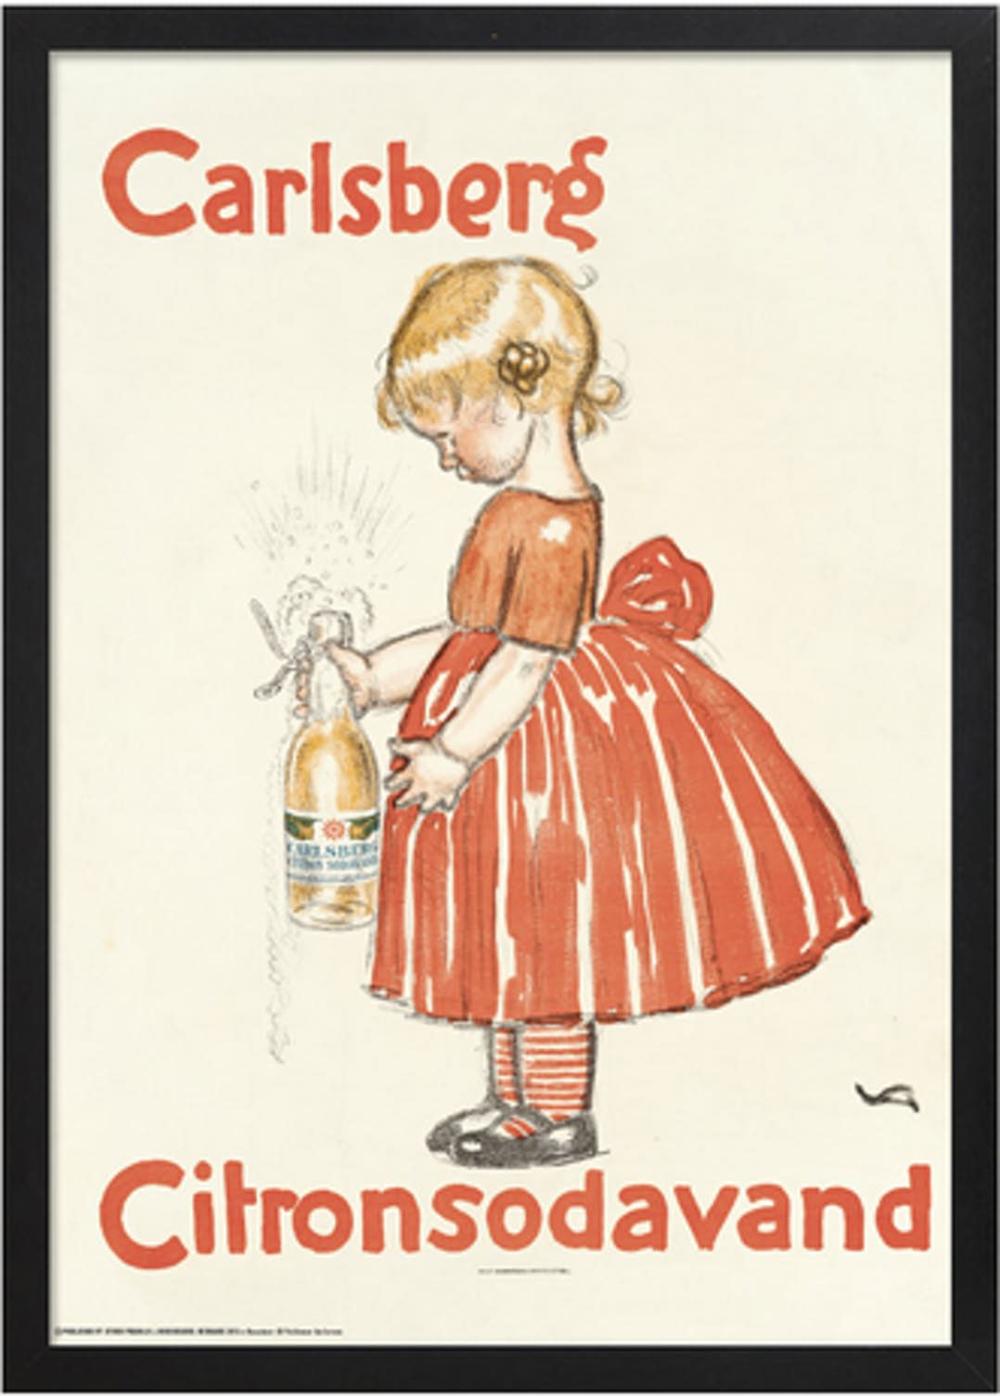 Almindelig Plakat Retro Nostalgi Og Humor Bolig Magasinet An41 Poster Vintage Posters Poster Art